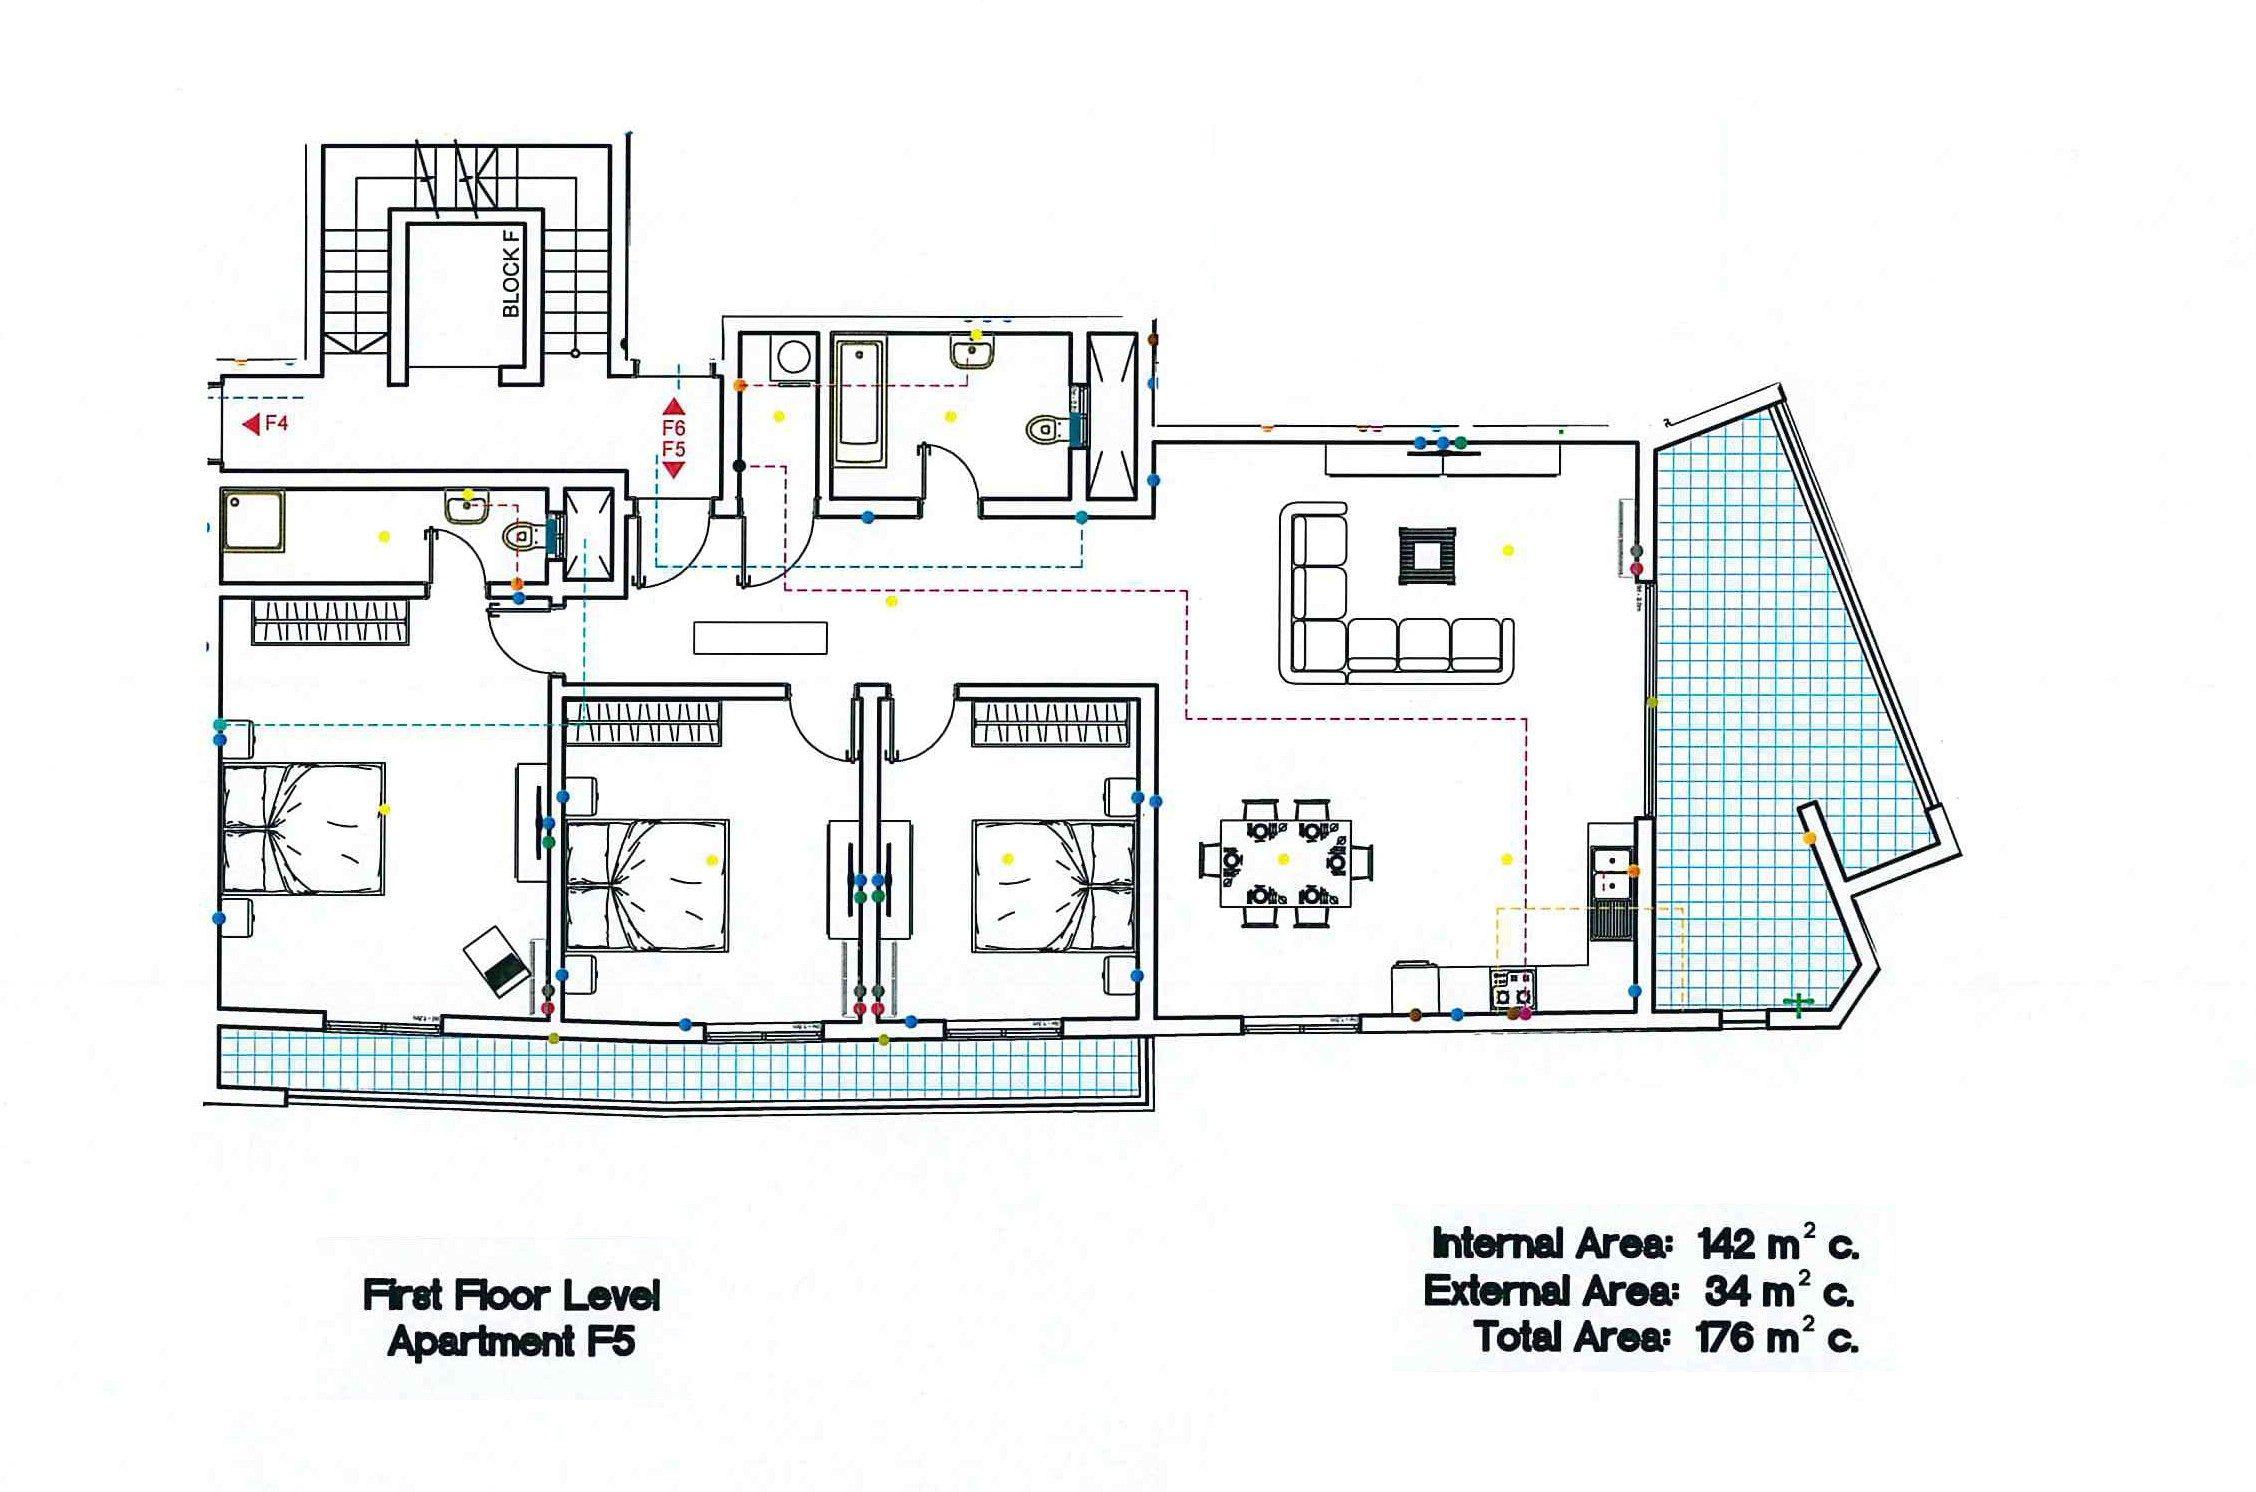 Block F - First Floor F5